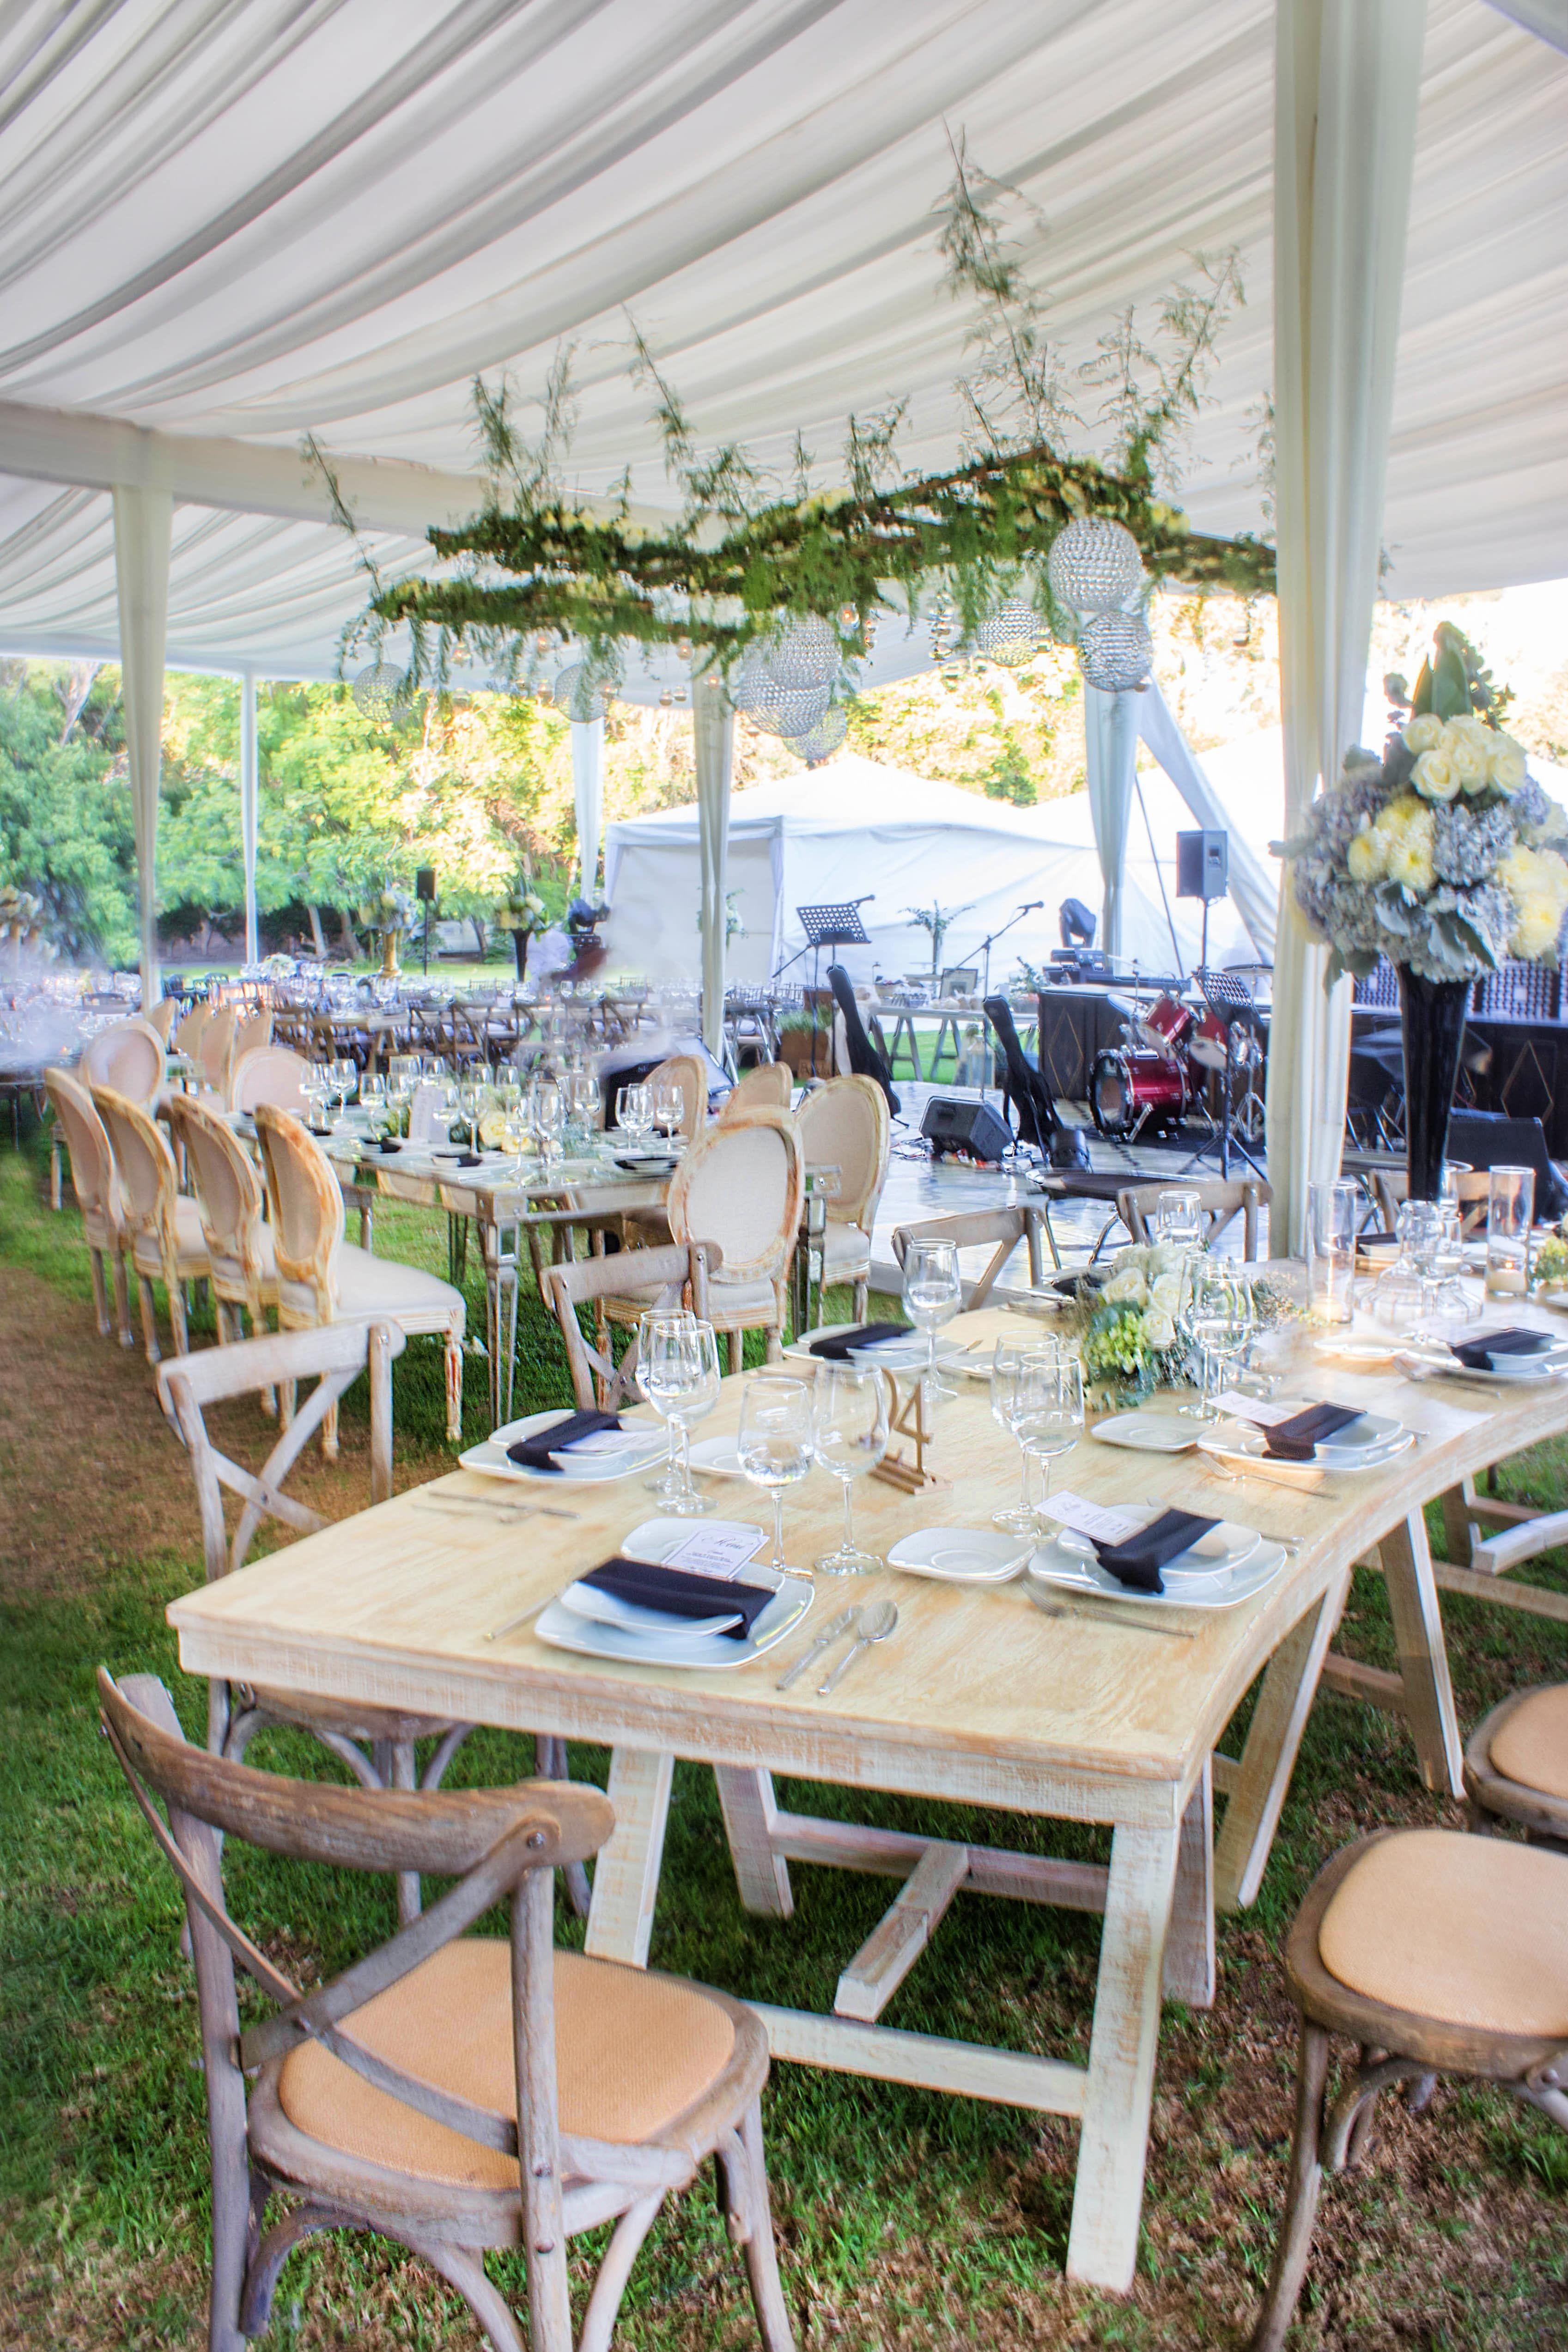 Mobiliario Vintage Wedding Decor Boda Garden Jardin Eventos  # Muebles Cuernavaca